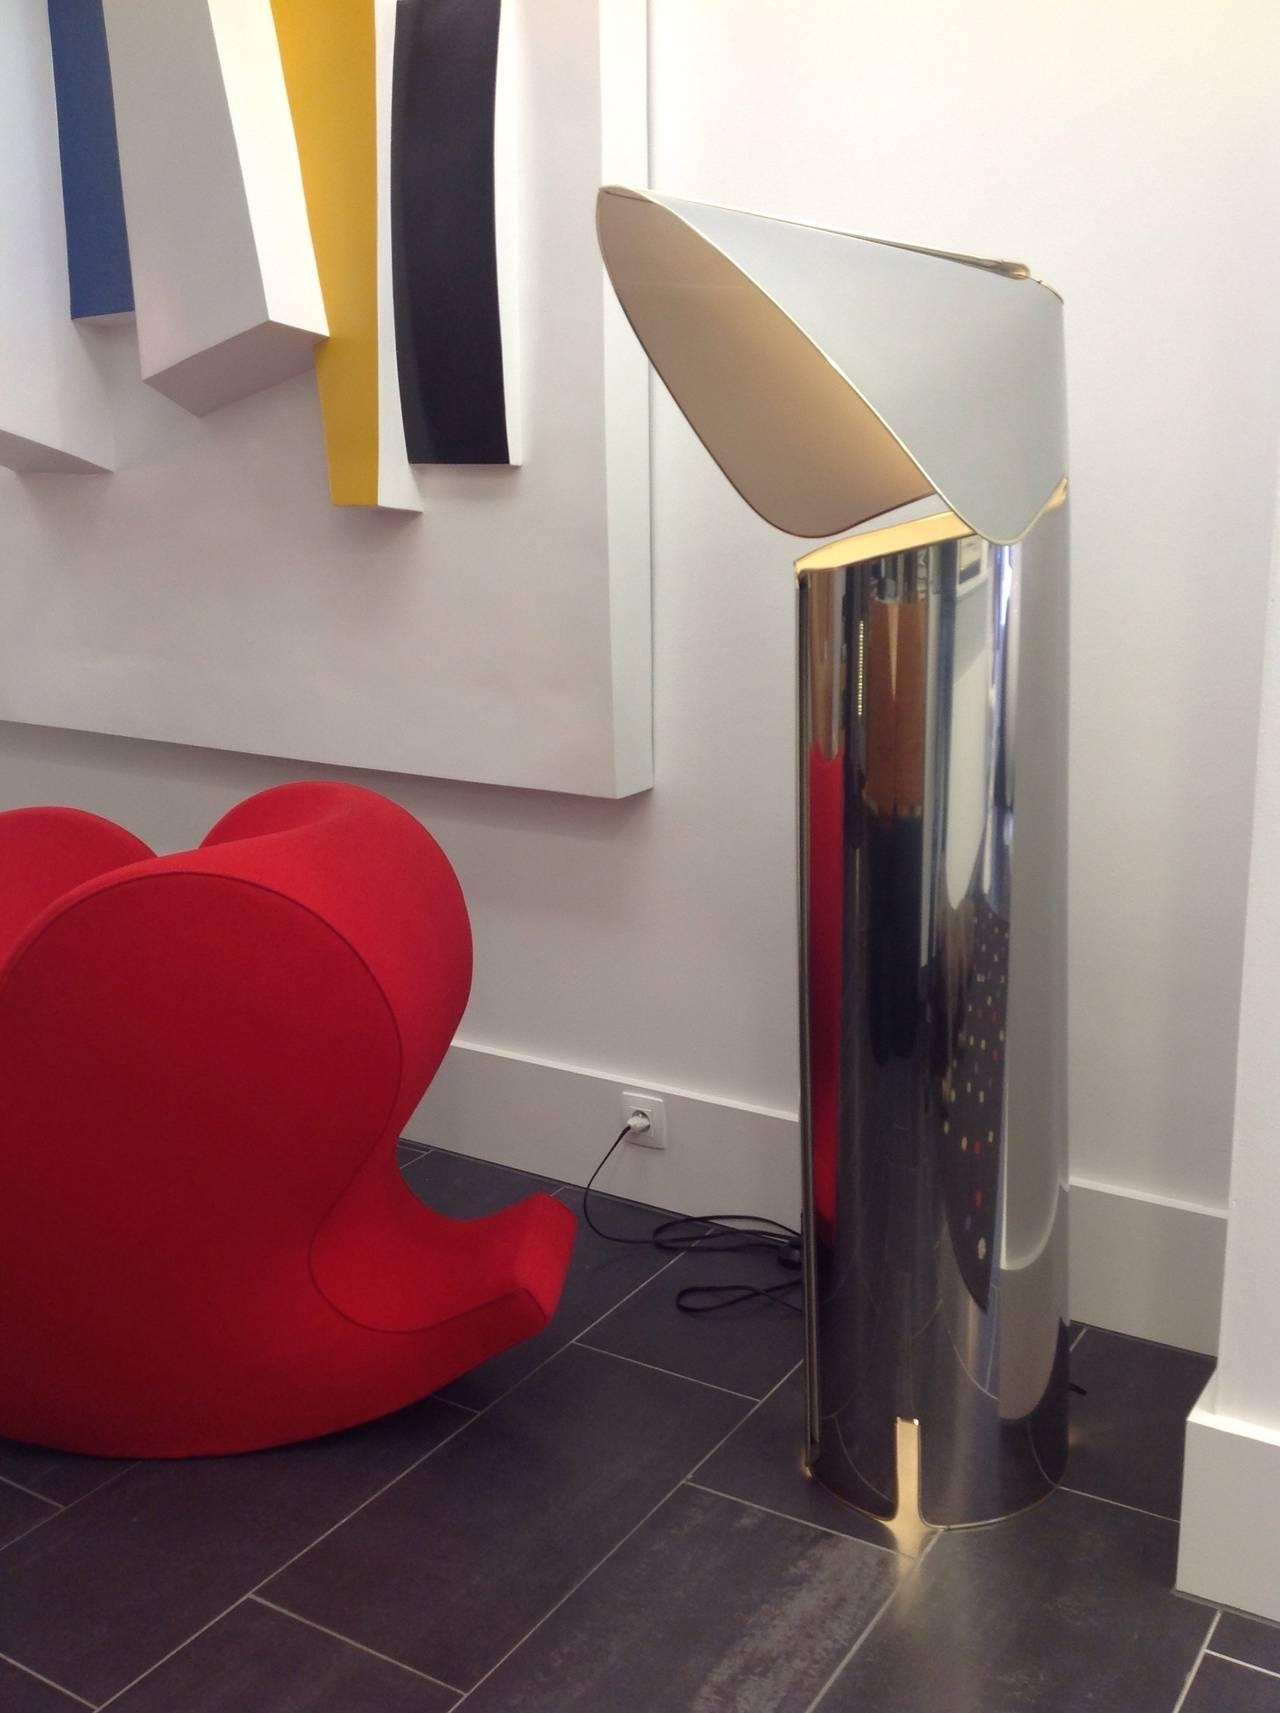 Floor Lamp Quot Chiara Quot Designed By Mario Bellini For Flos